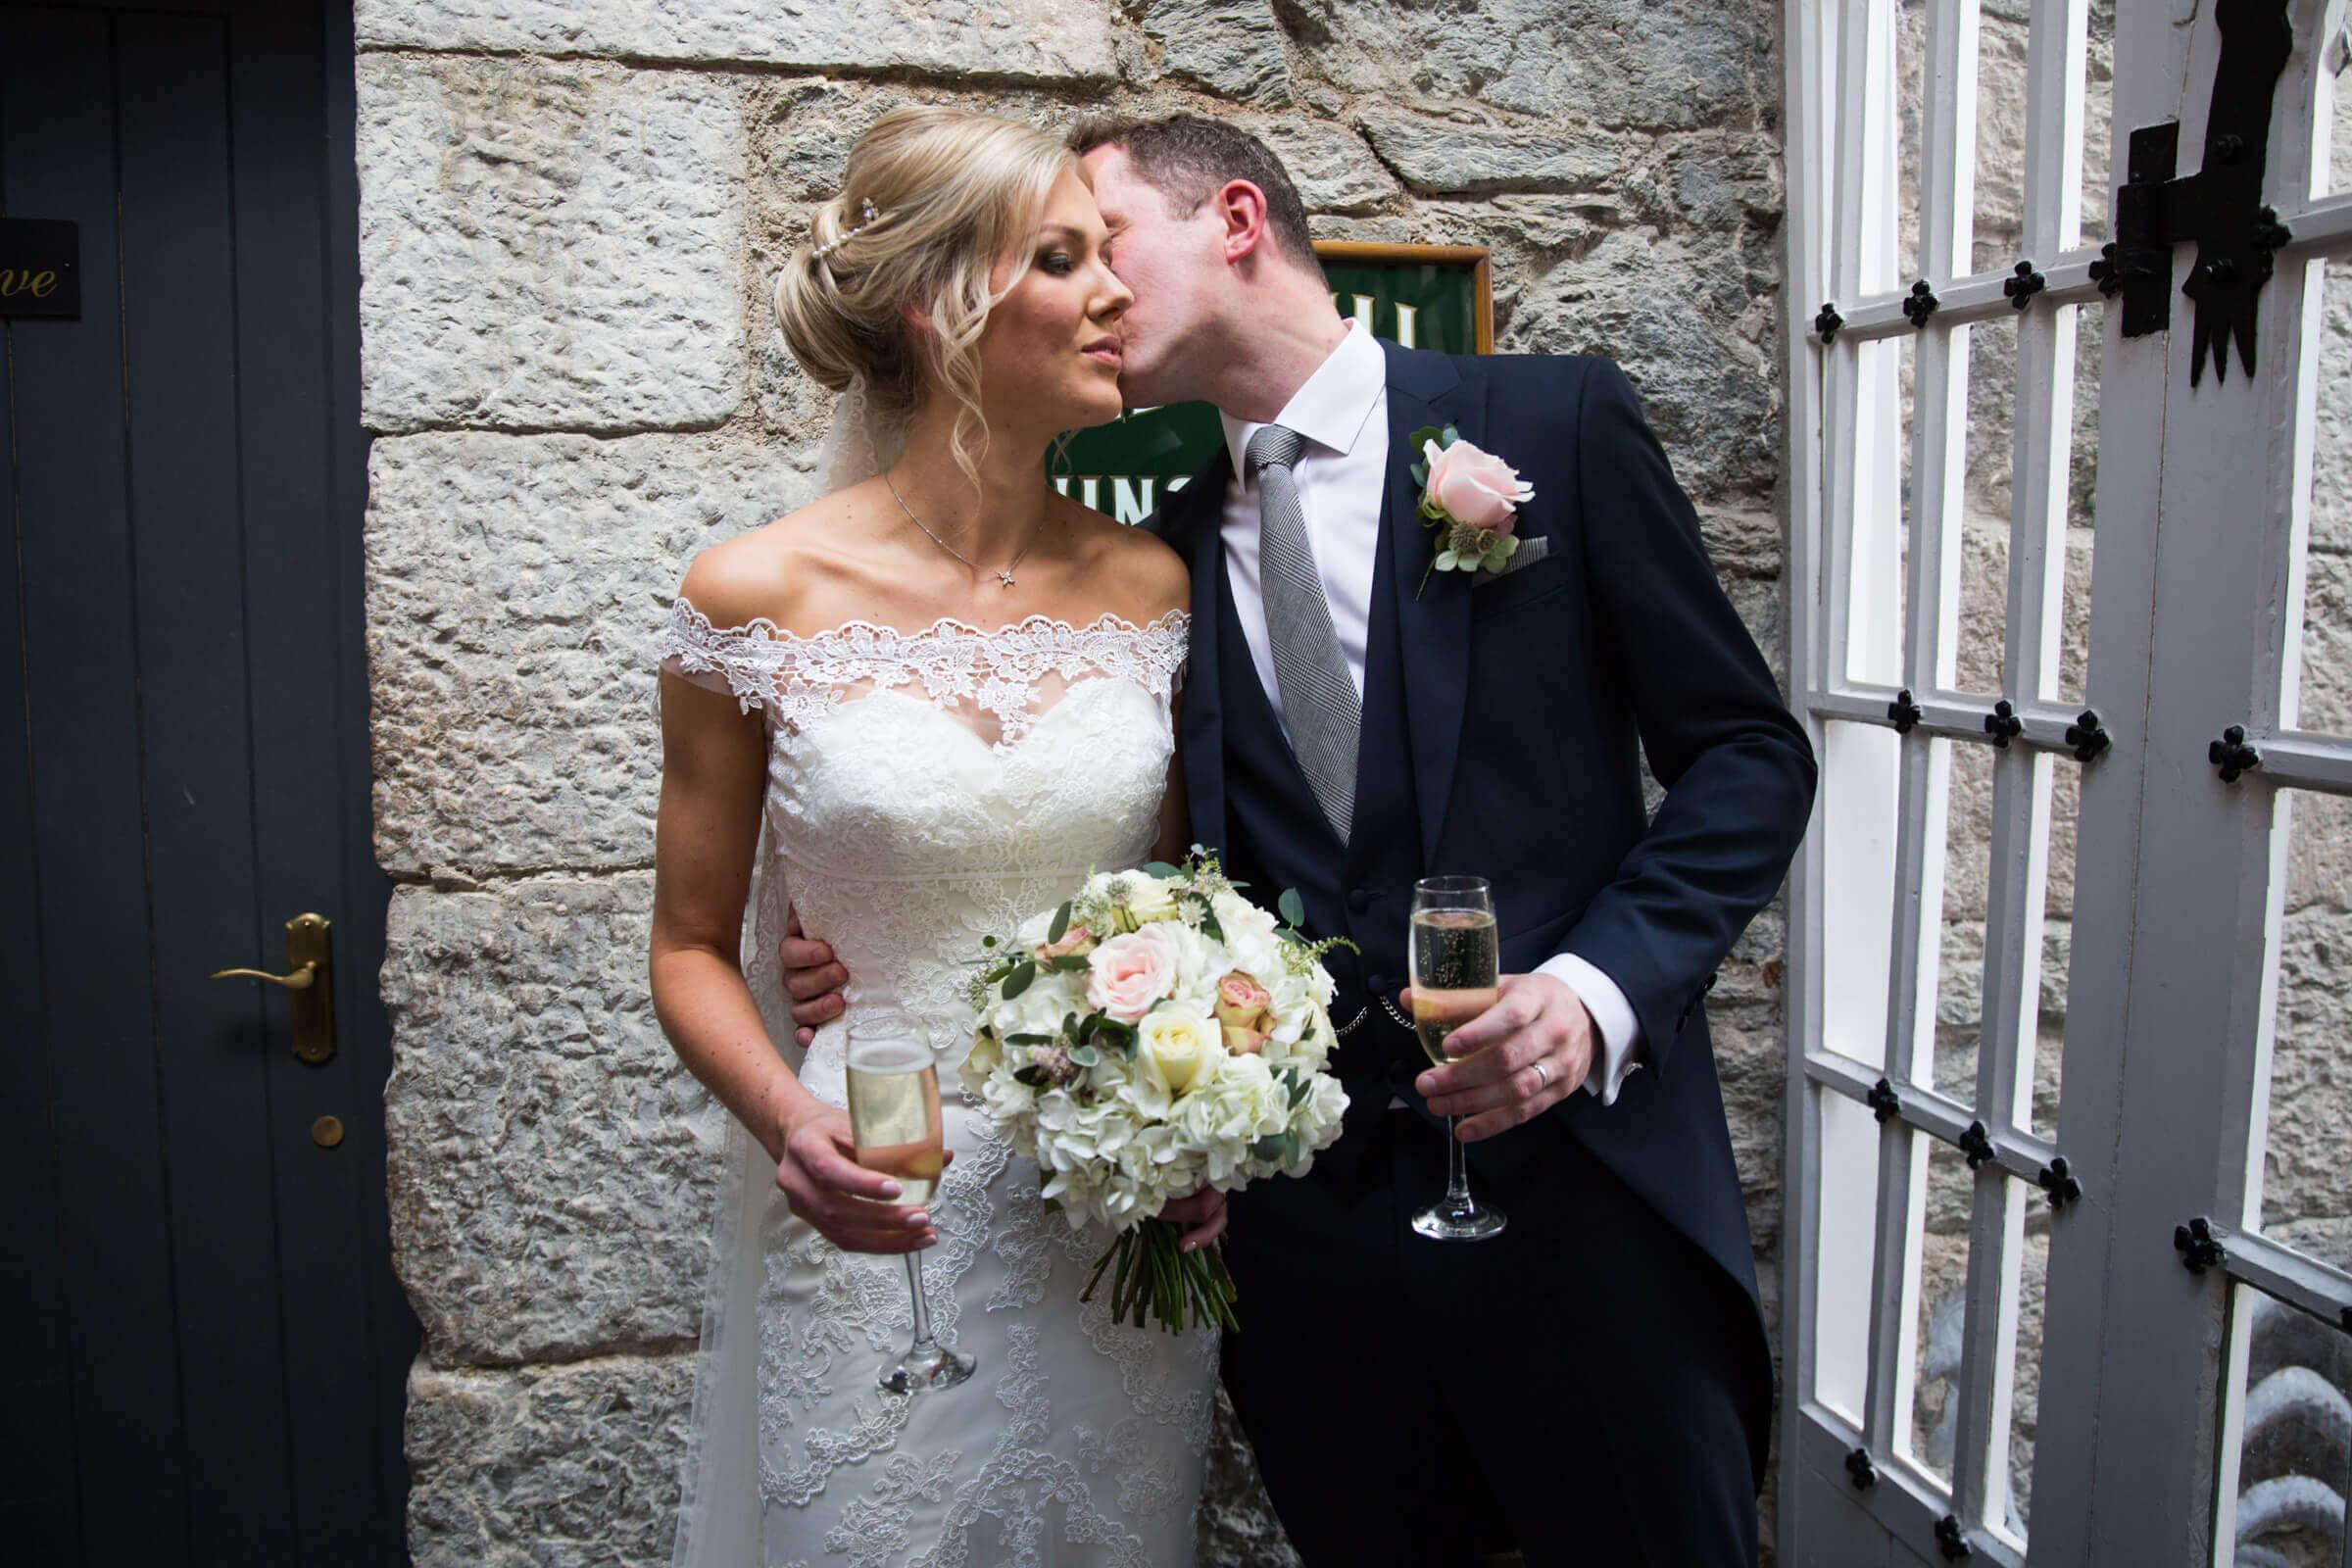 Chateau_Rhianfa_Wedding_Photography_035.jpg